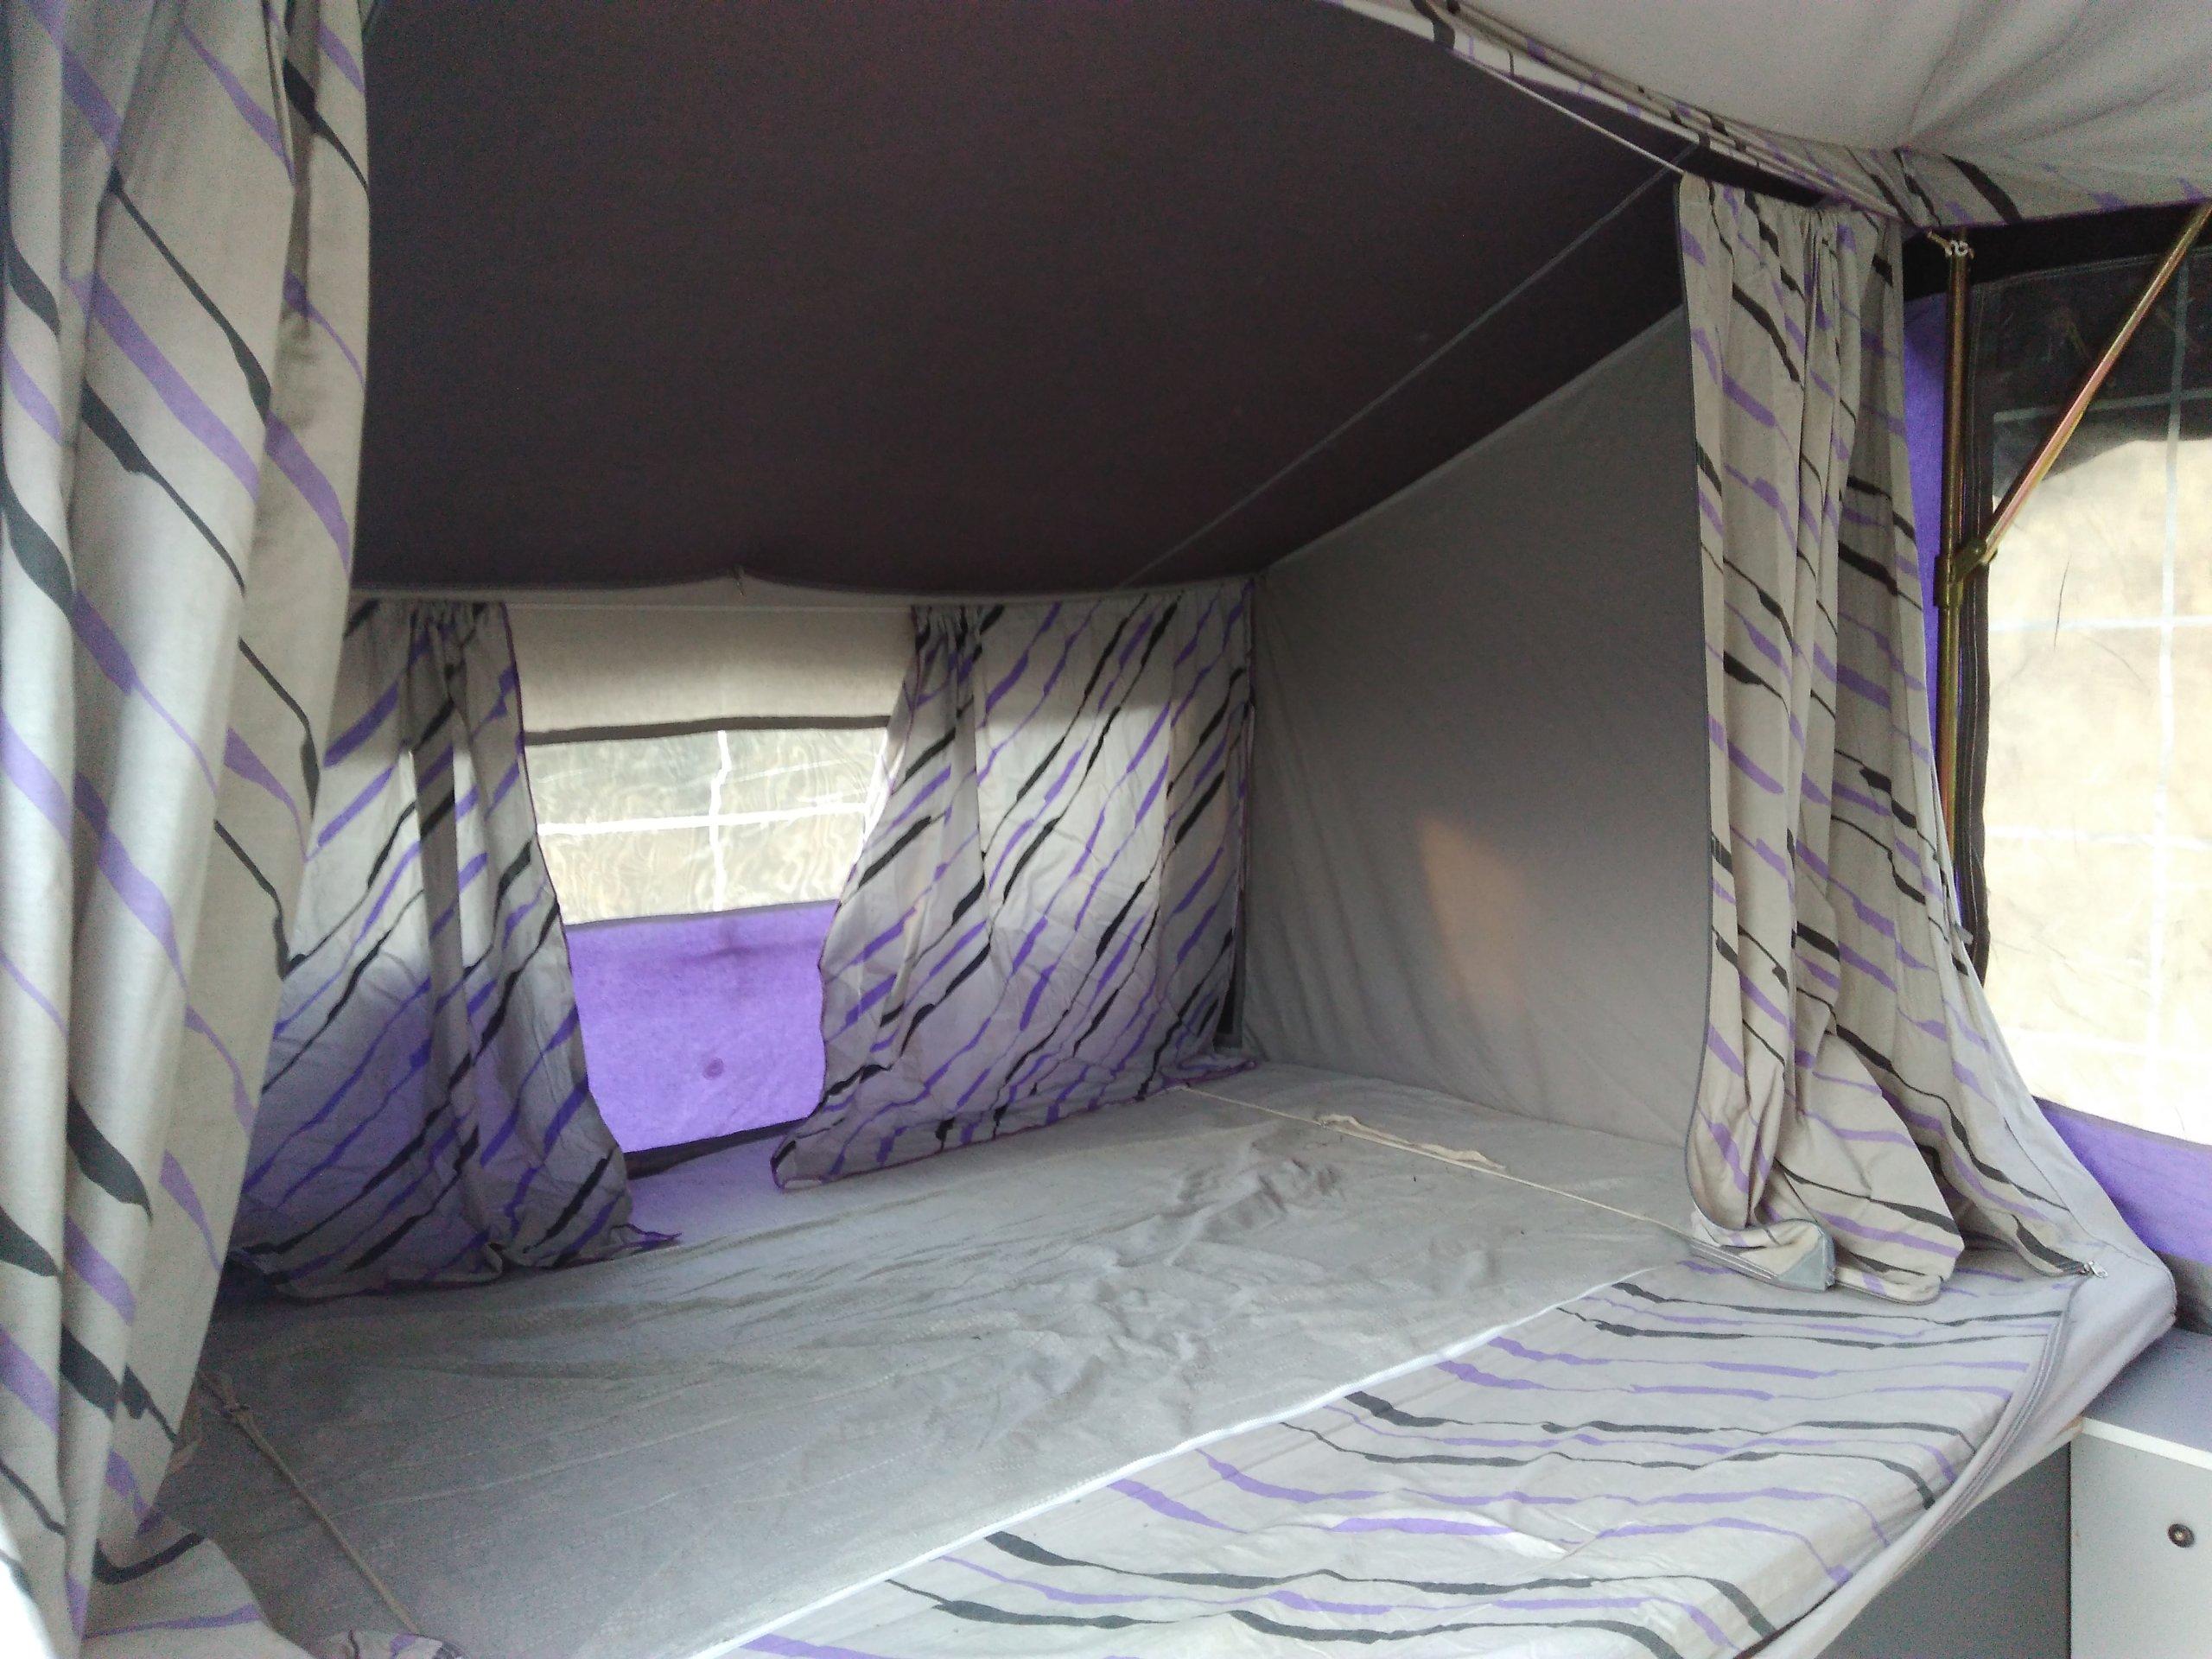 Niewiarygodnie Sprzedam przyczepa namiotowa kemping Jamet - 7234293649 FL93